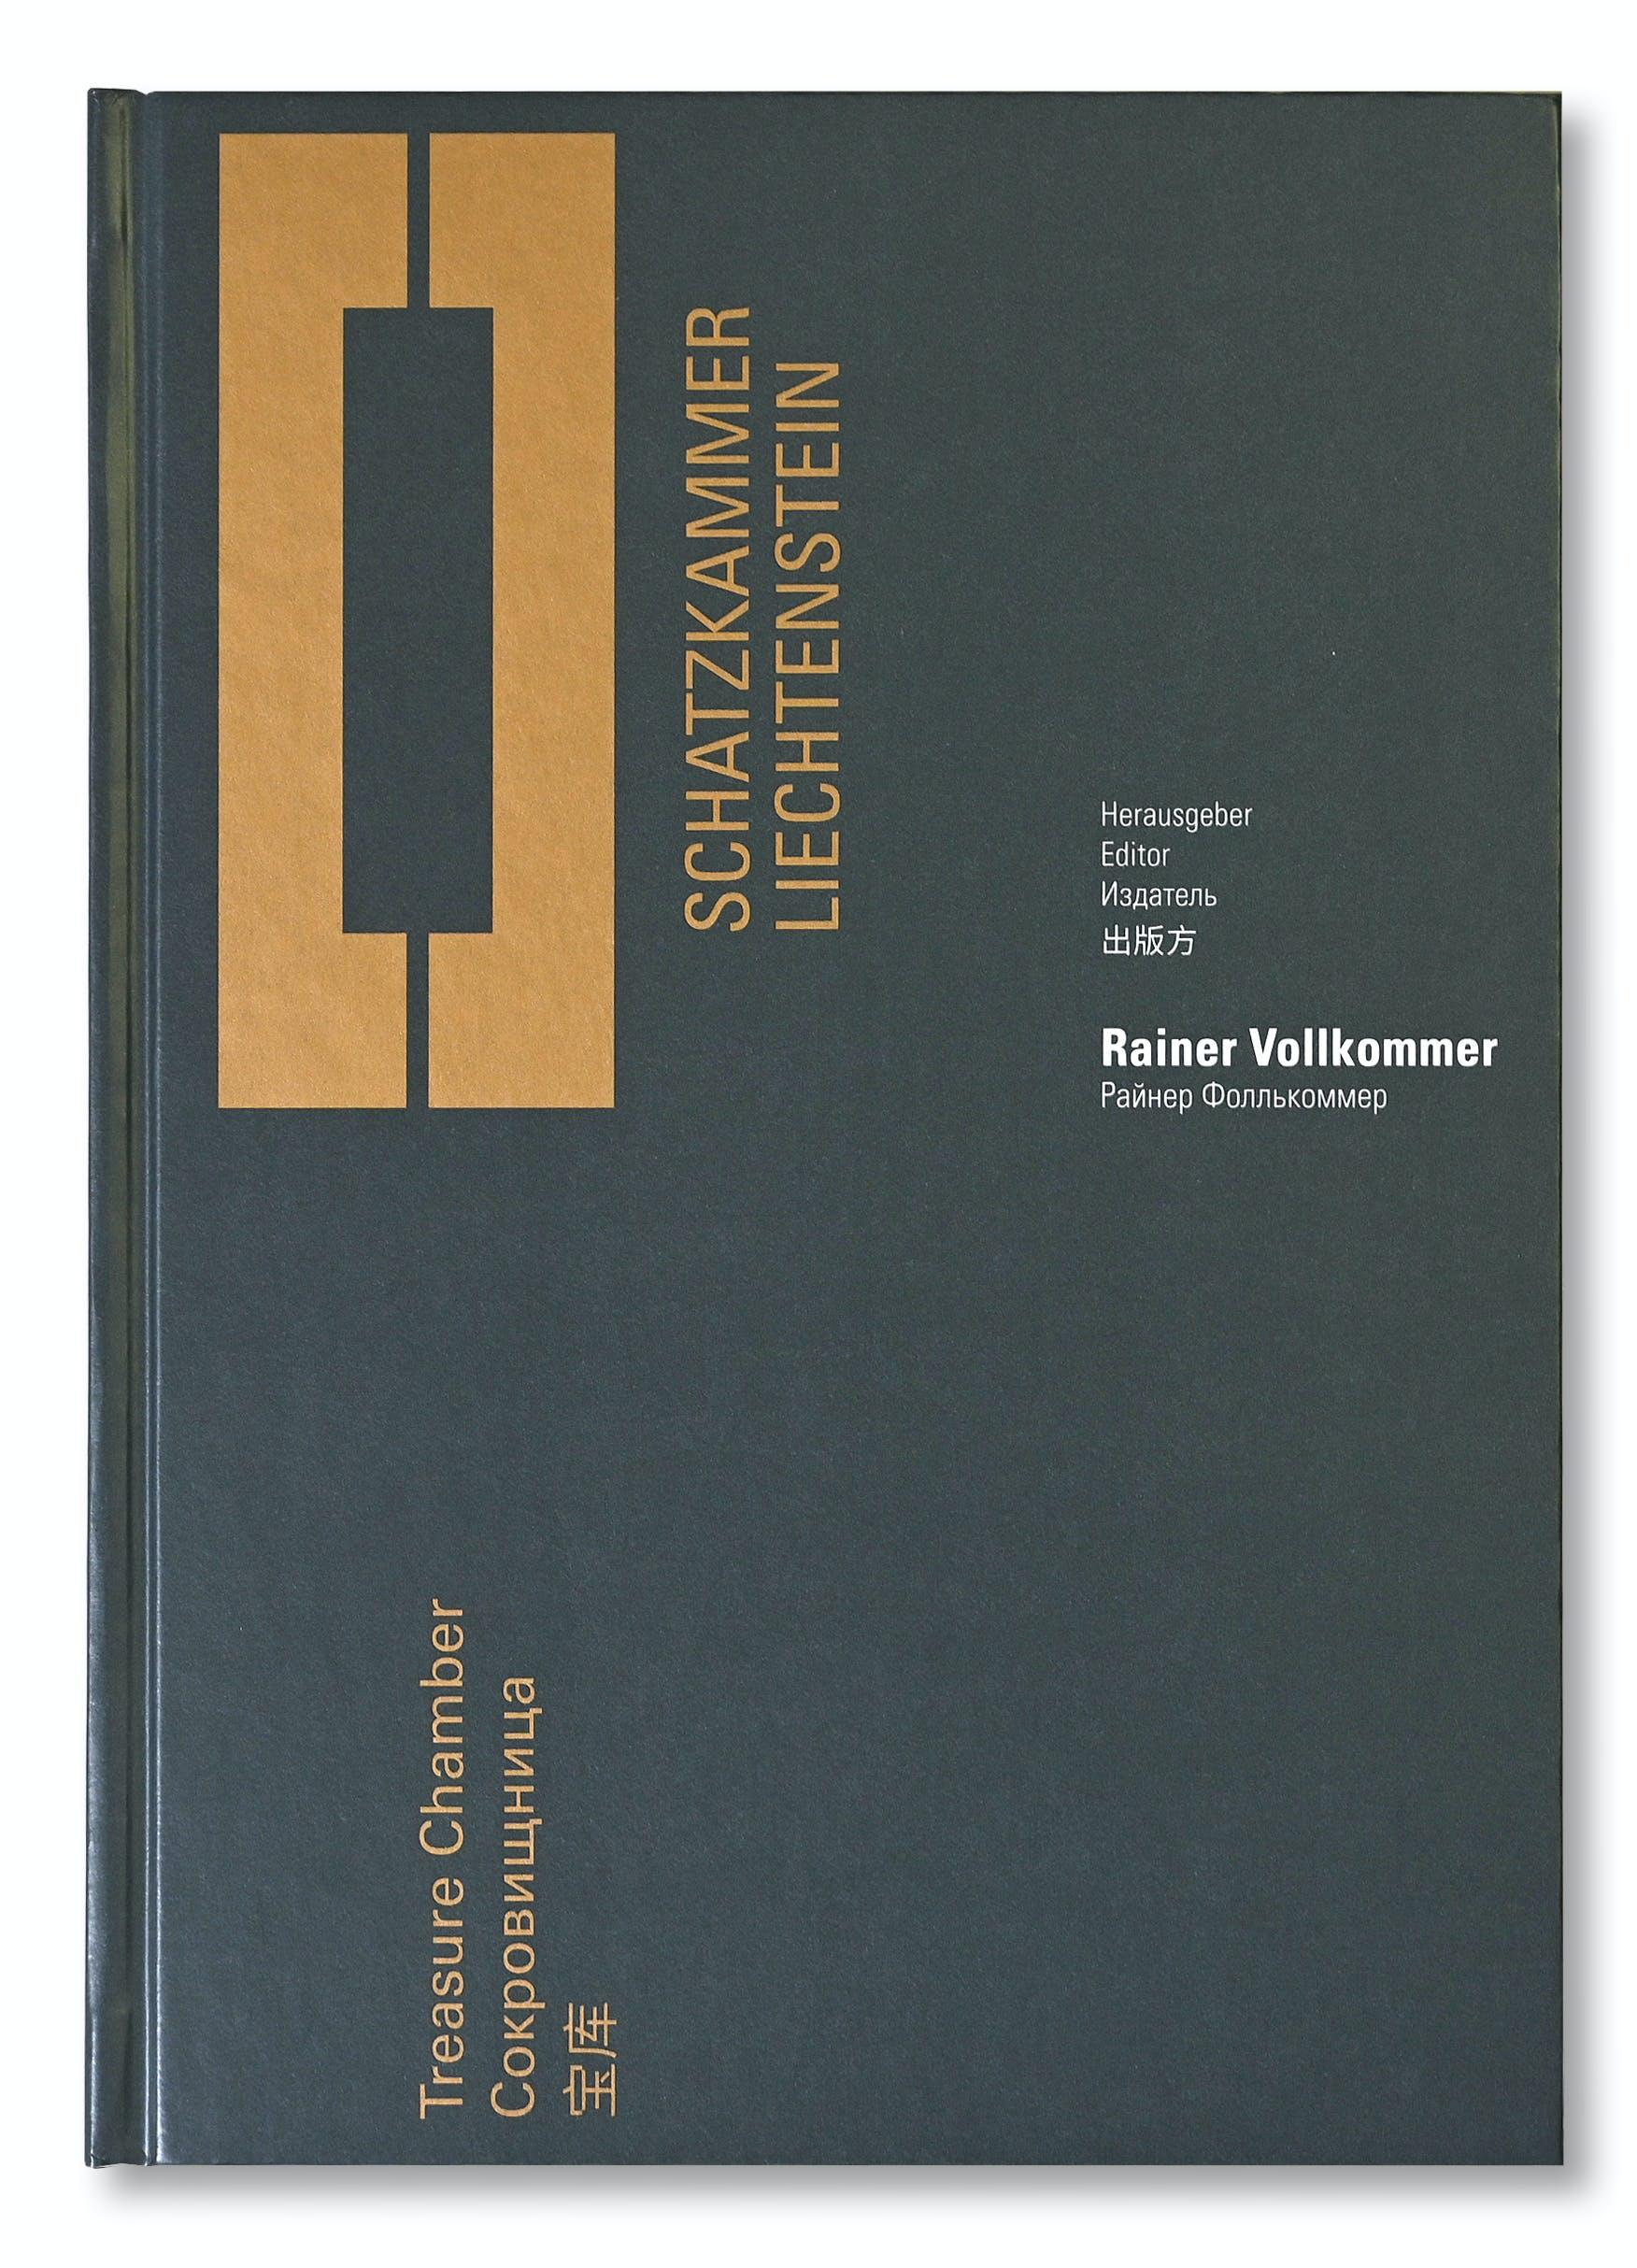 Publikation Schatzkammer Liechtenstein